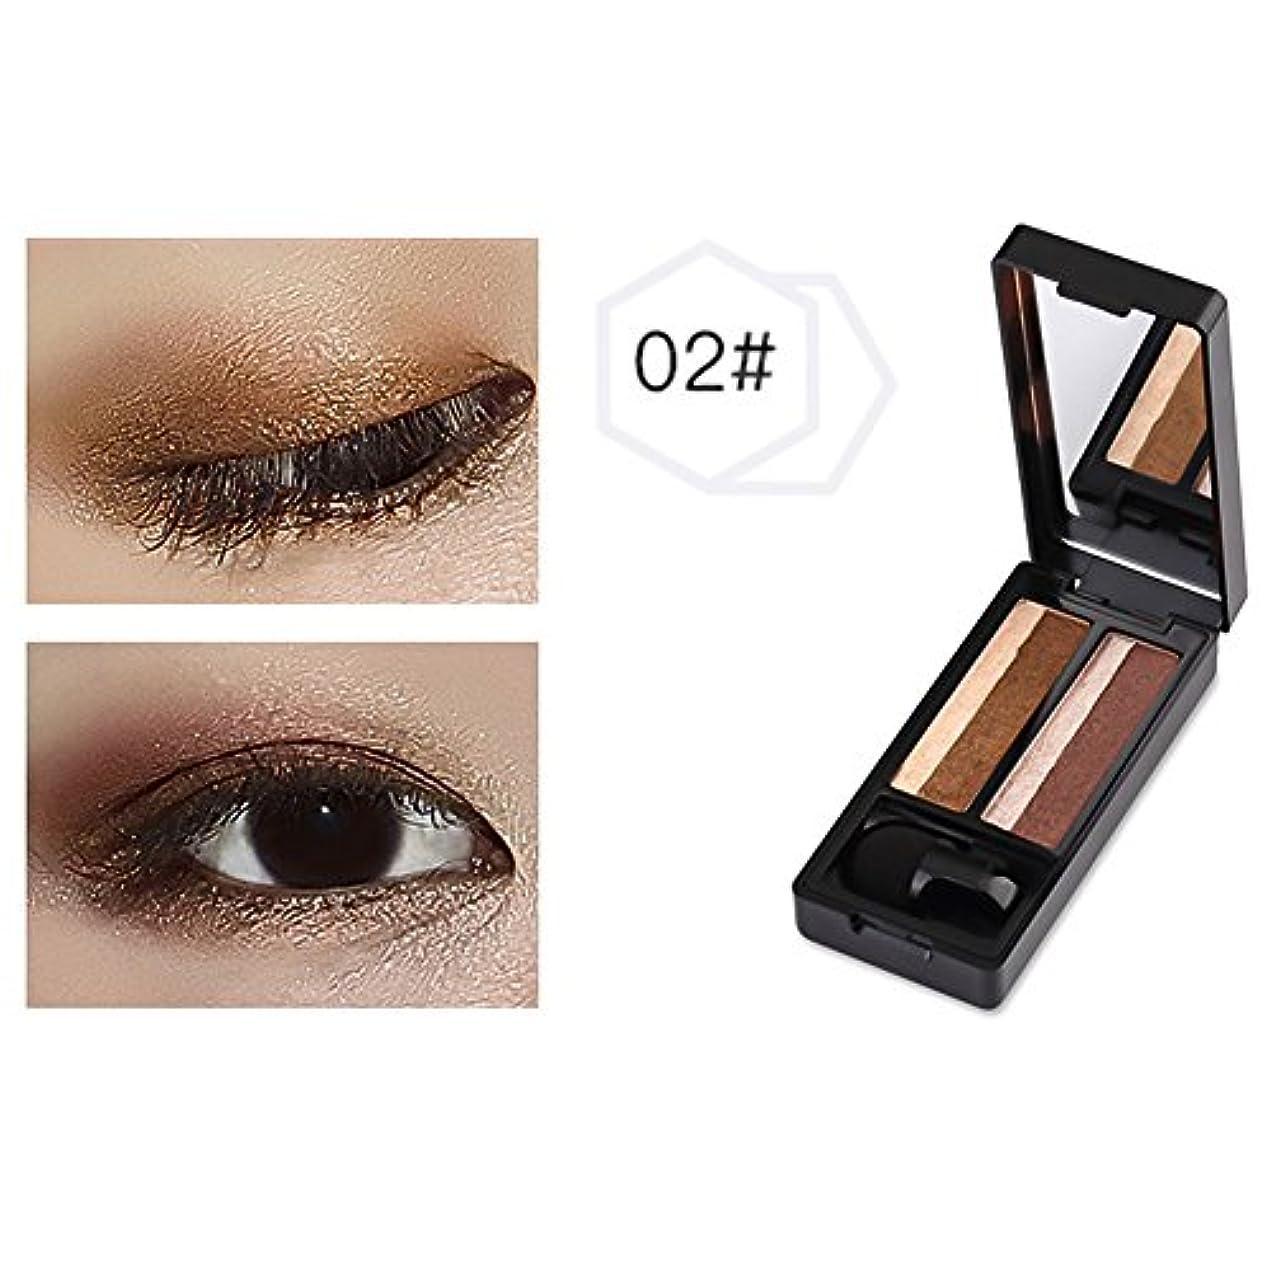 TerGOOSE スキンモデリングアイズ 人気2色アイシャドウ パレット 眼影02 極め細かい 4.4g